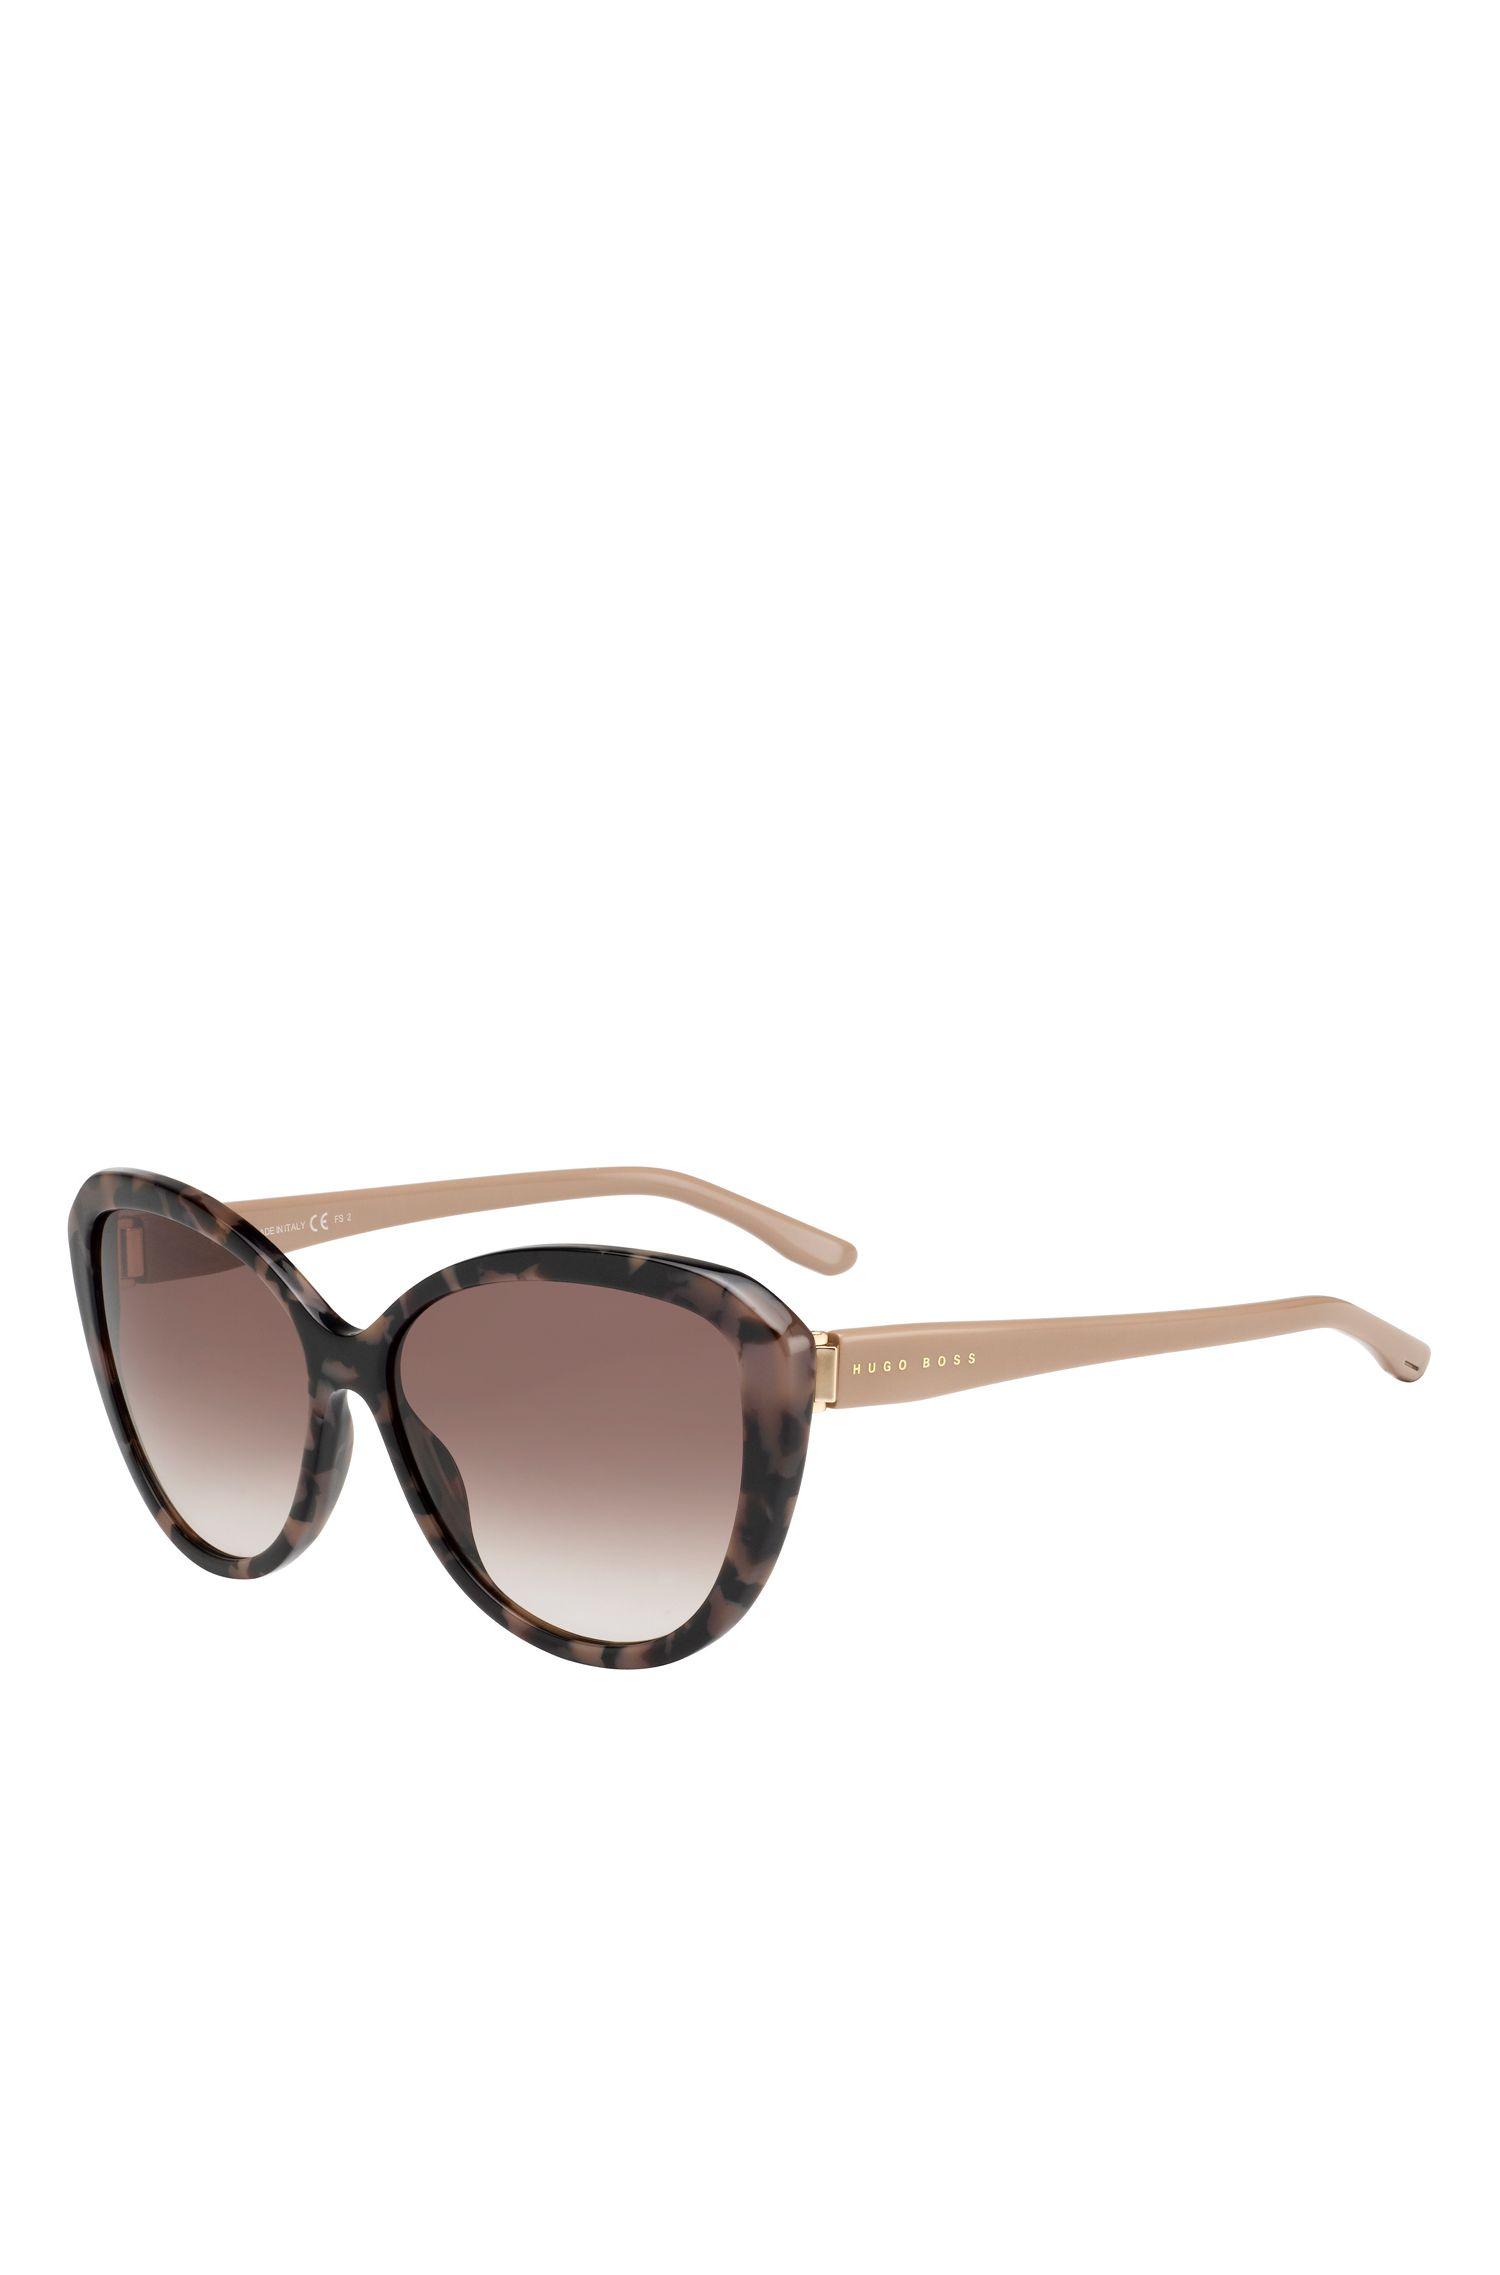 Gradient Lens Acetate Sunglasses | BOSS 0845S